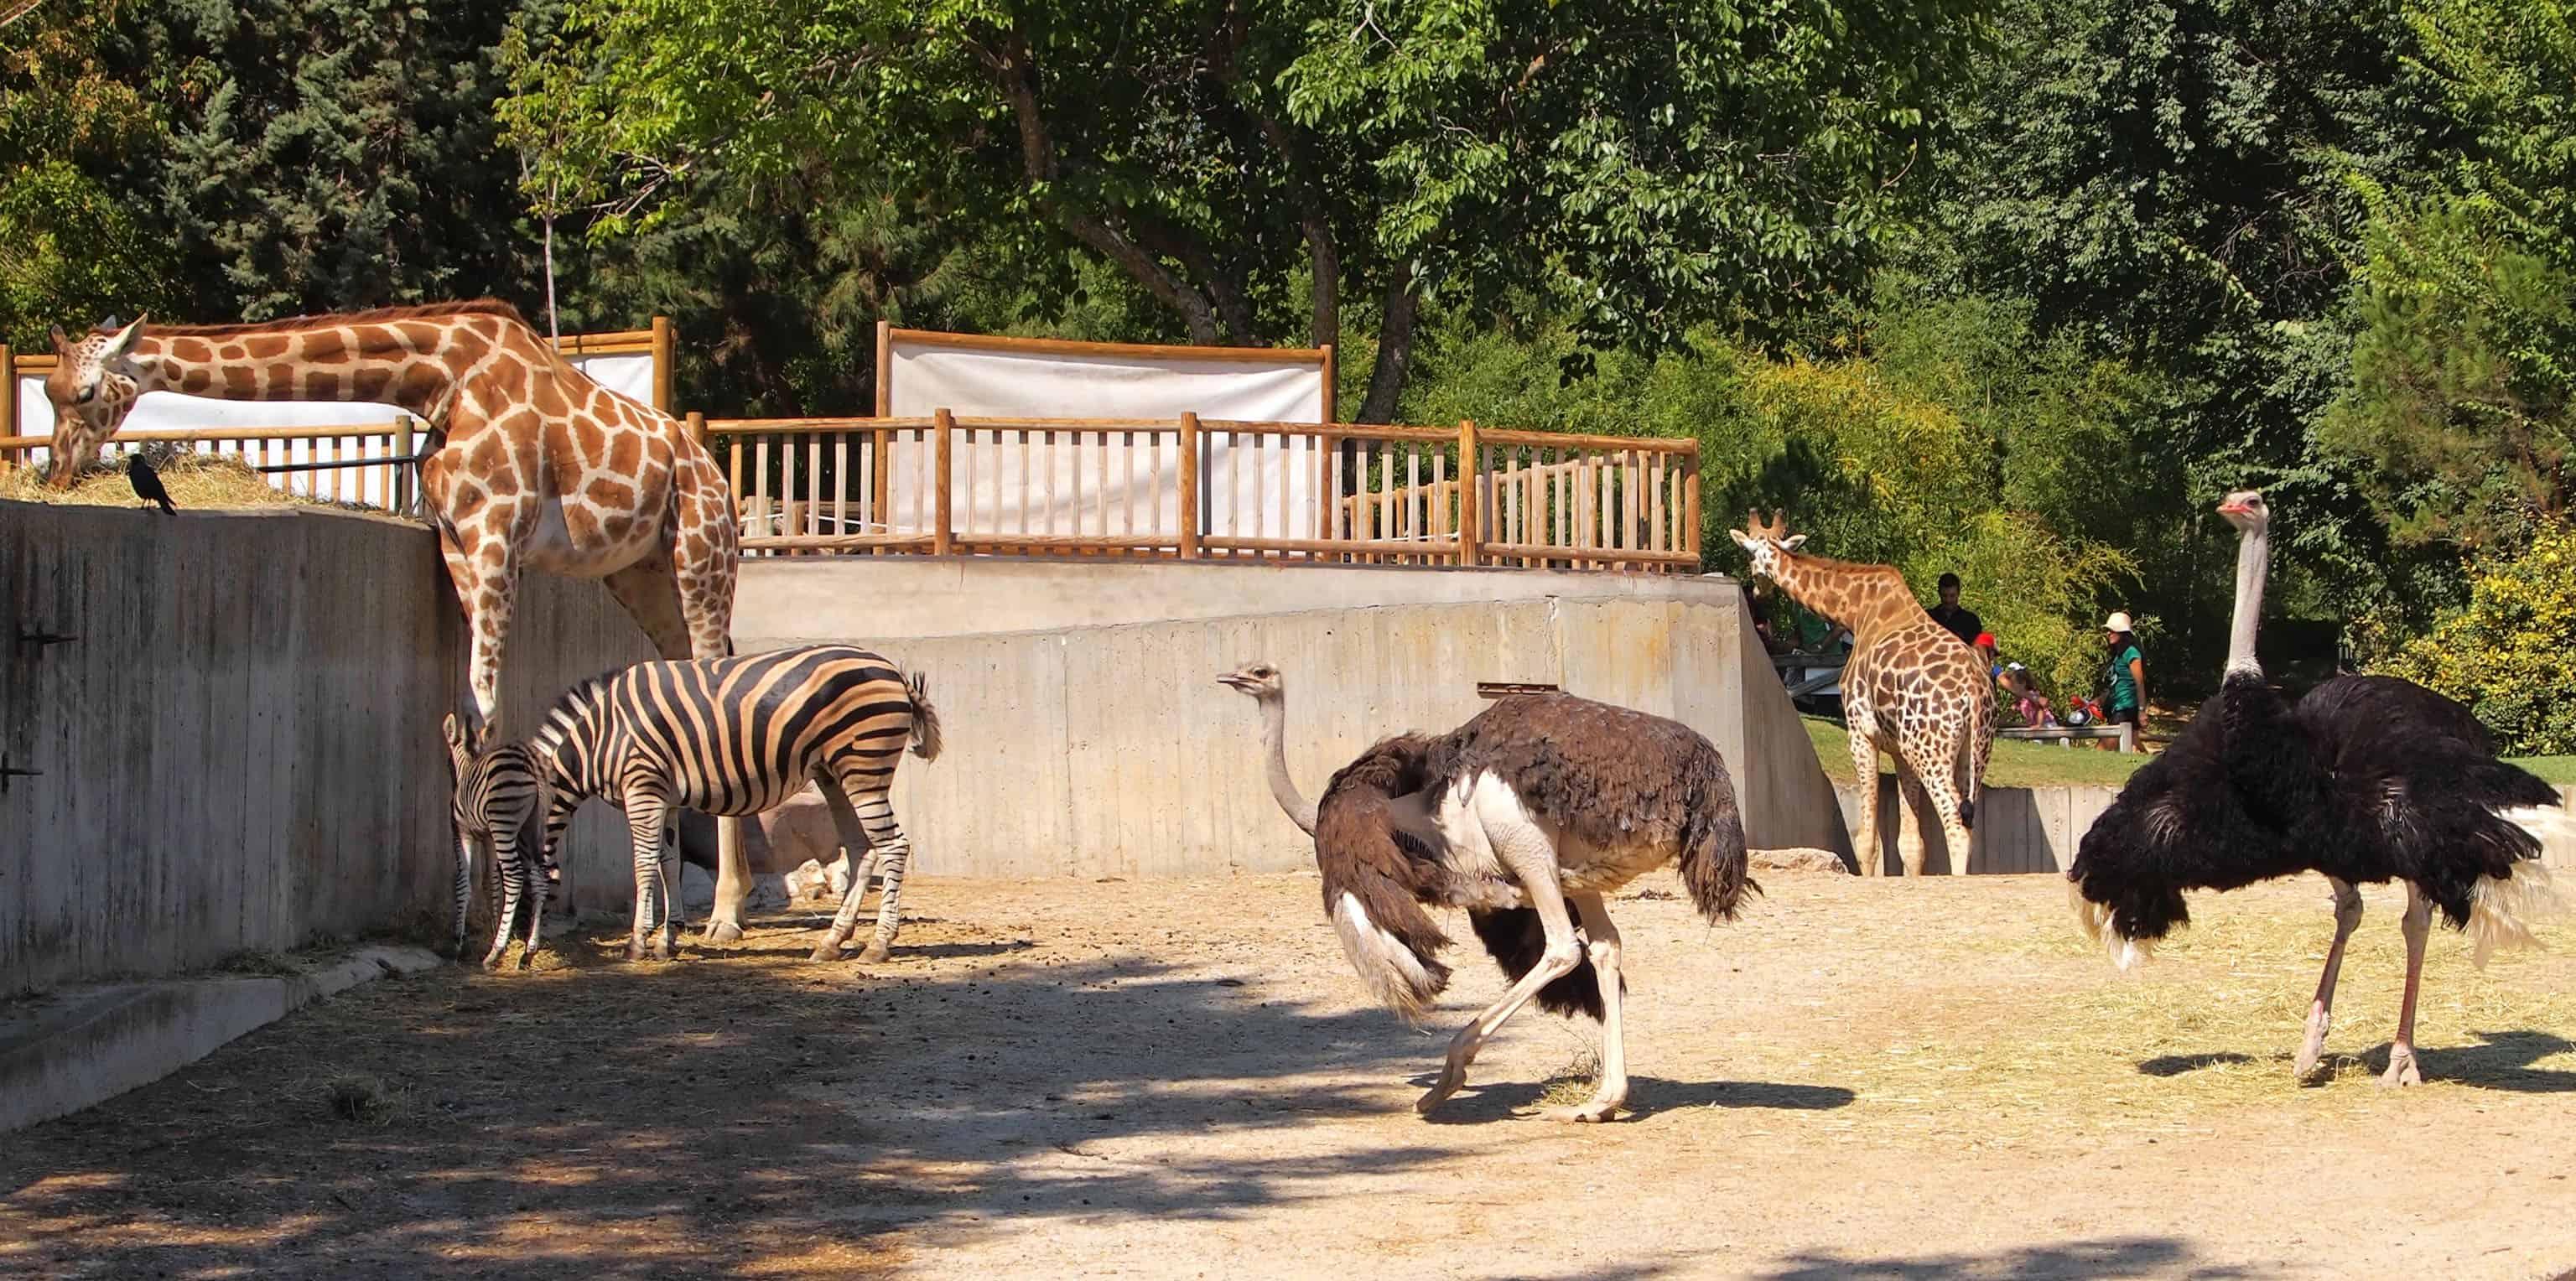 giraffe, zebra, ostrich